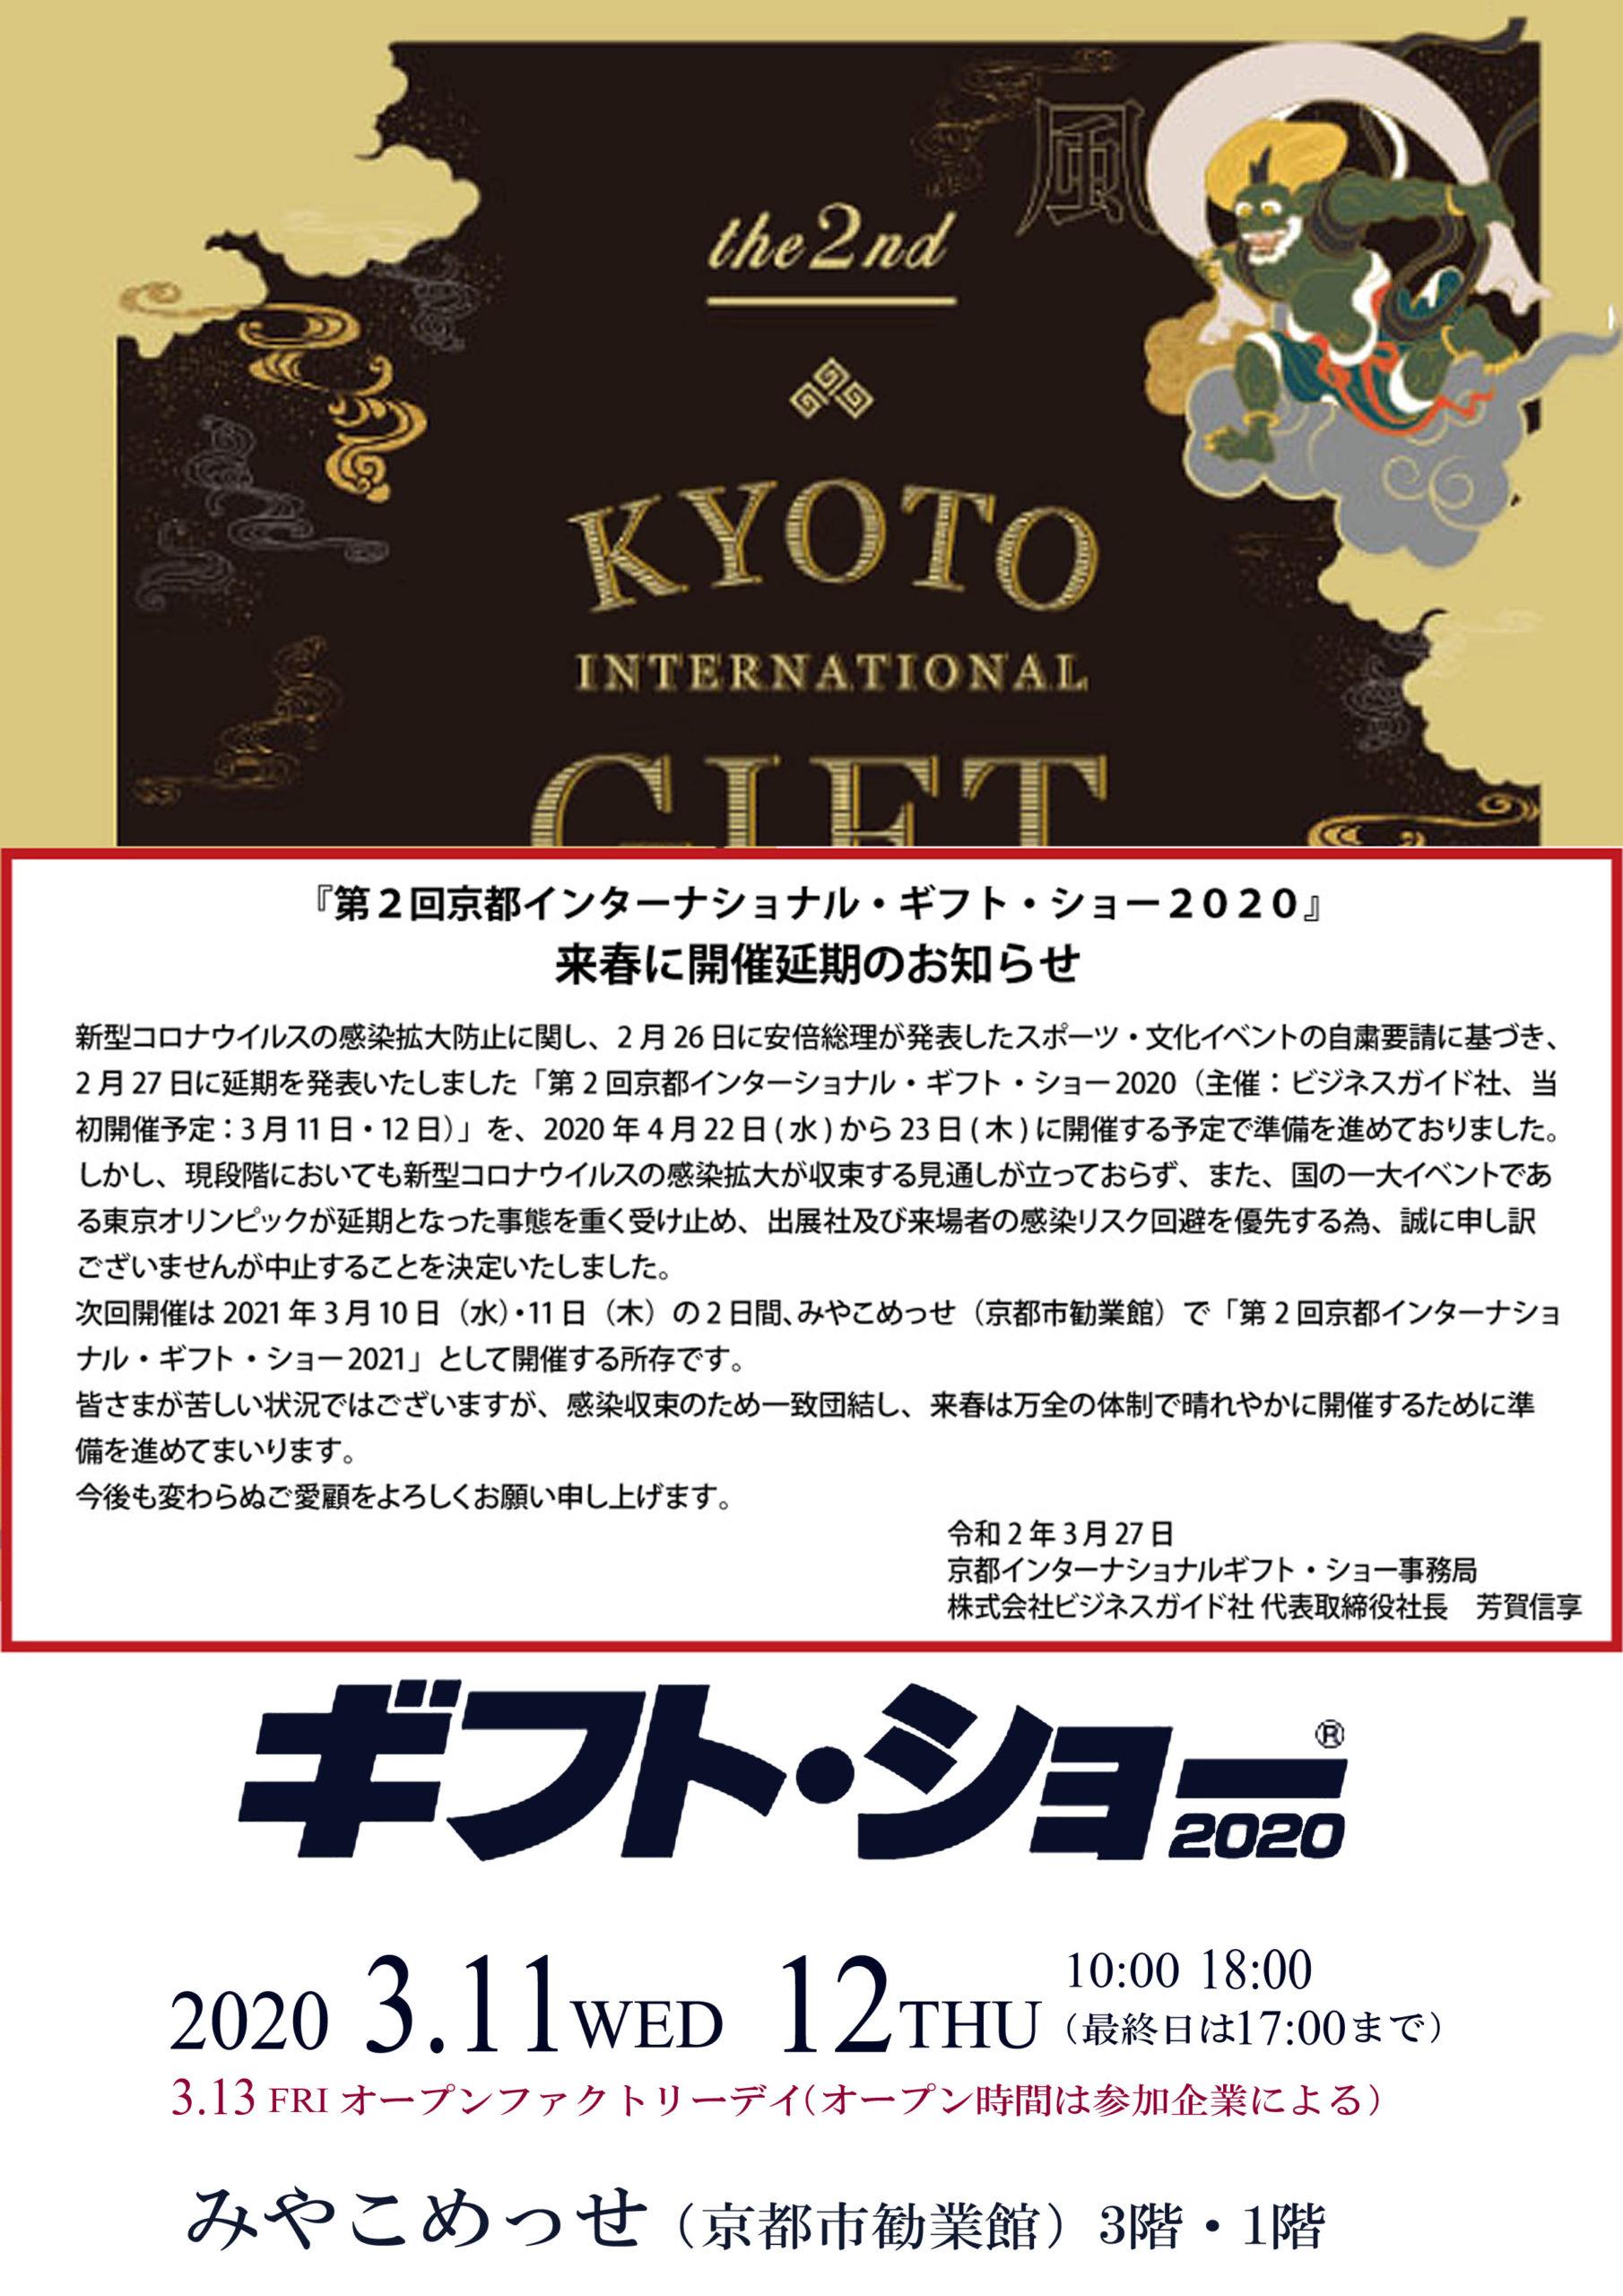 第2回京都インターナショナルギフトショー出展